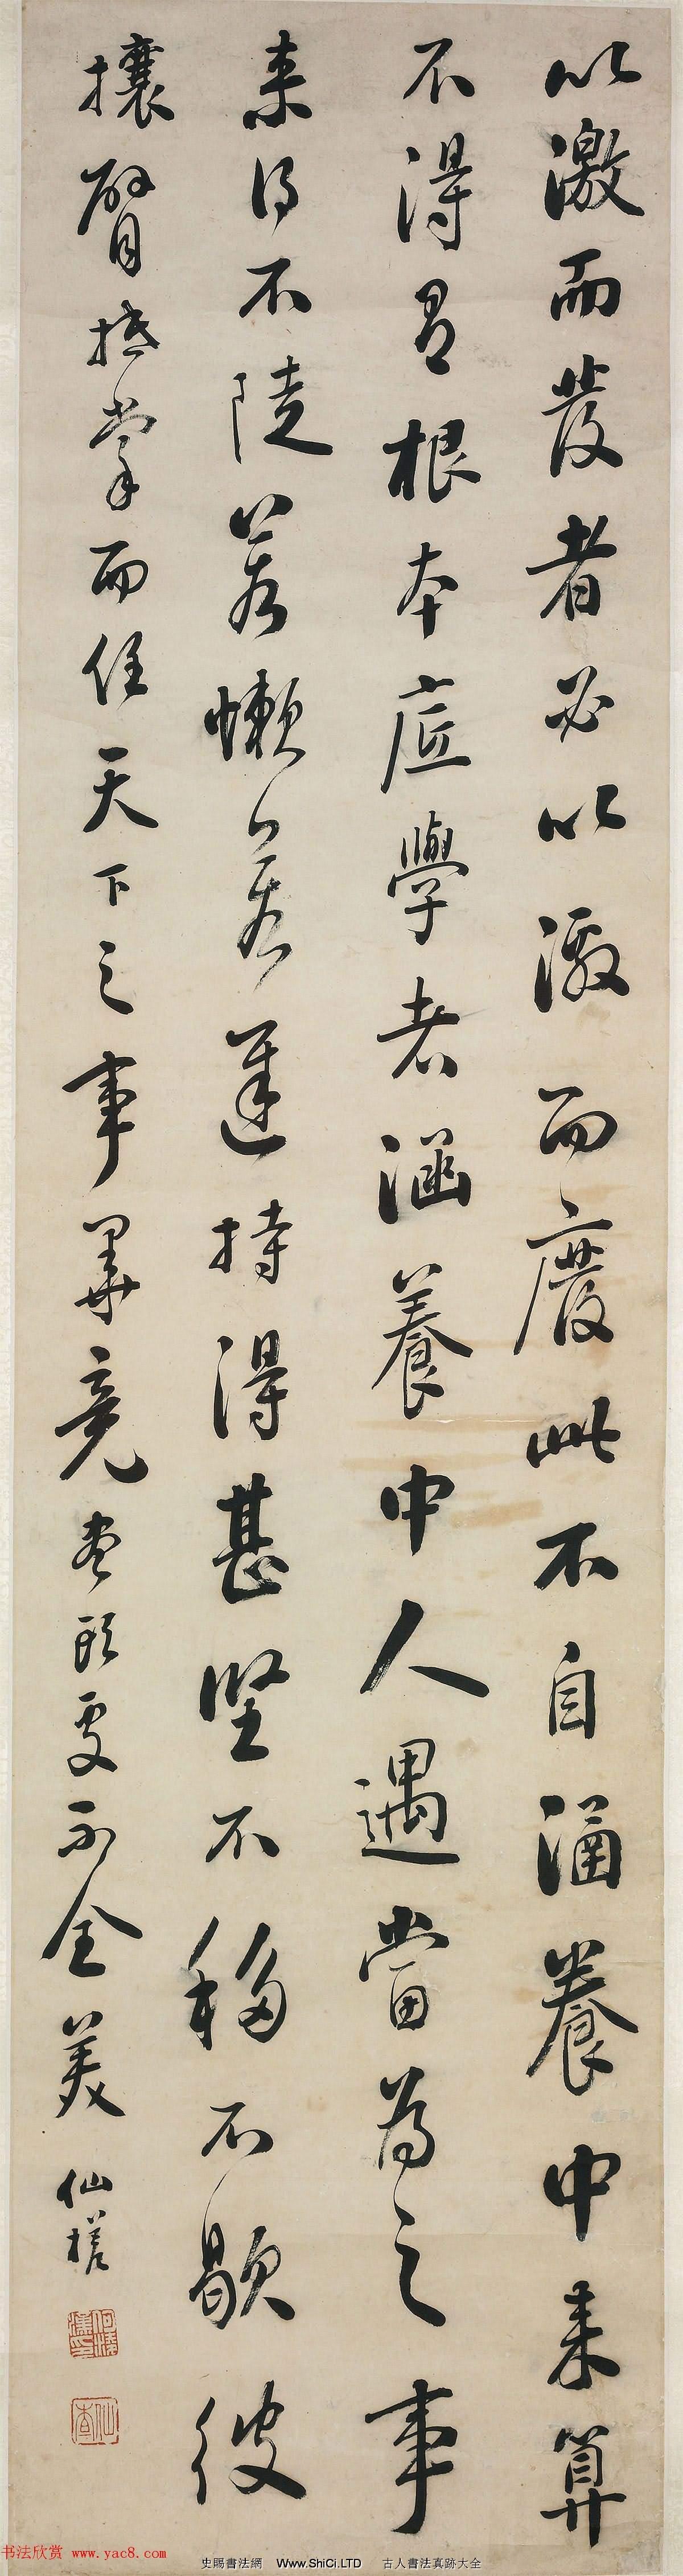 清朝大臣、書法家何凌漢行書作品欣賞